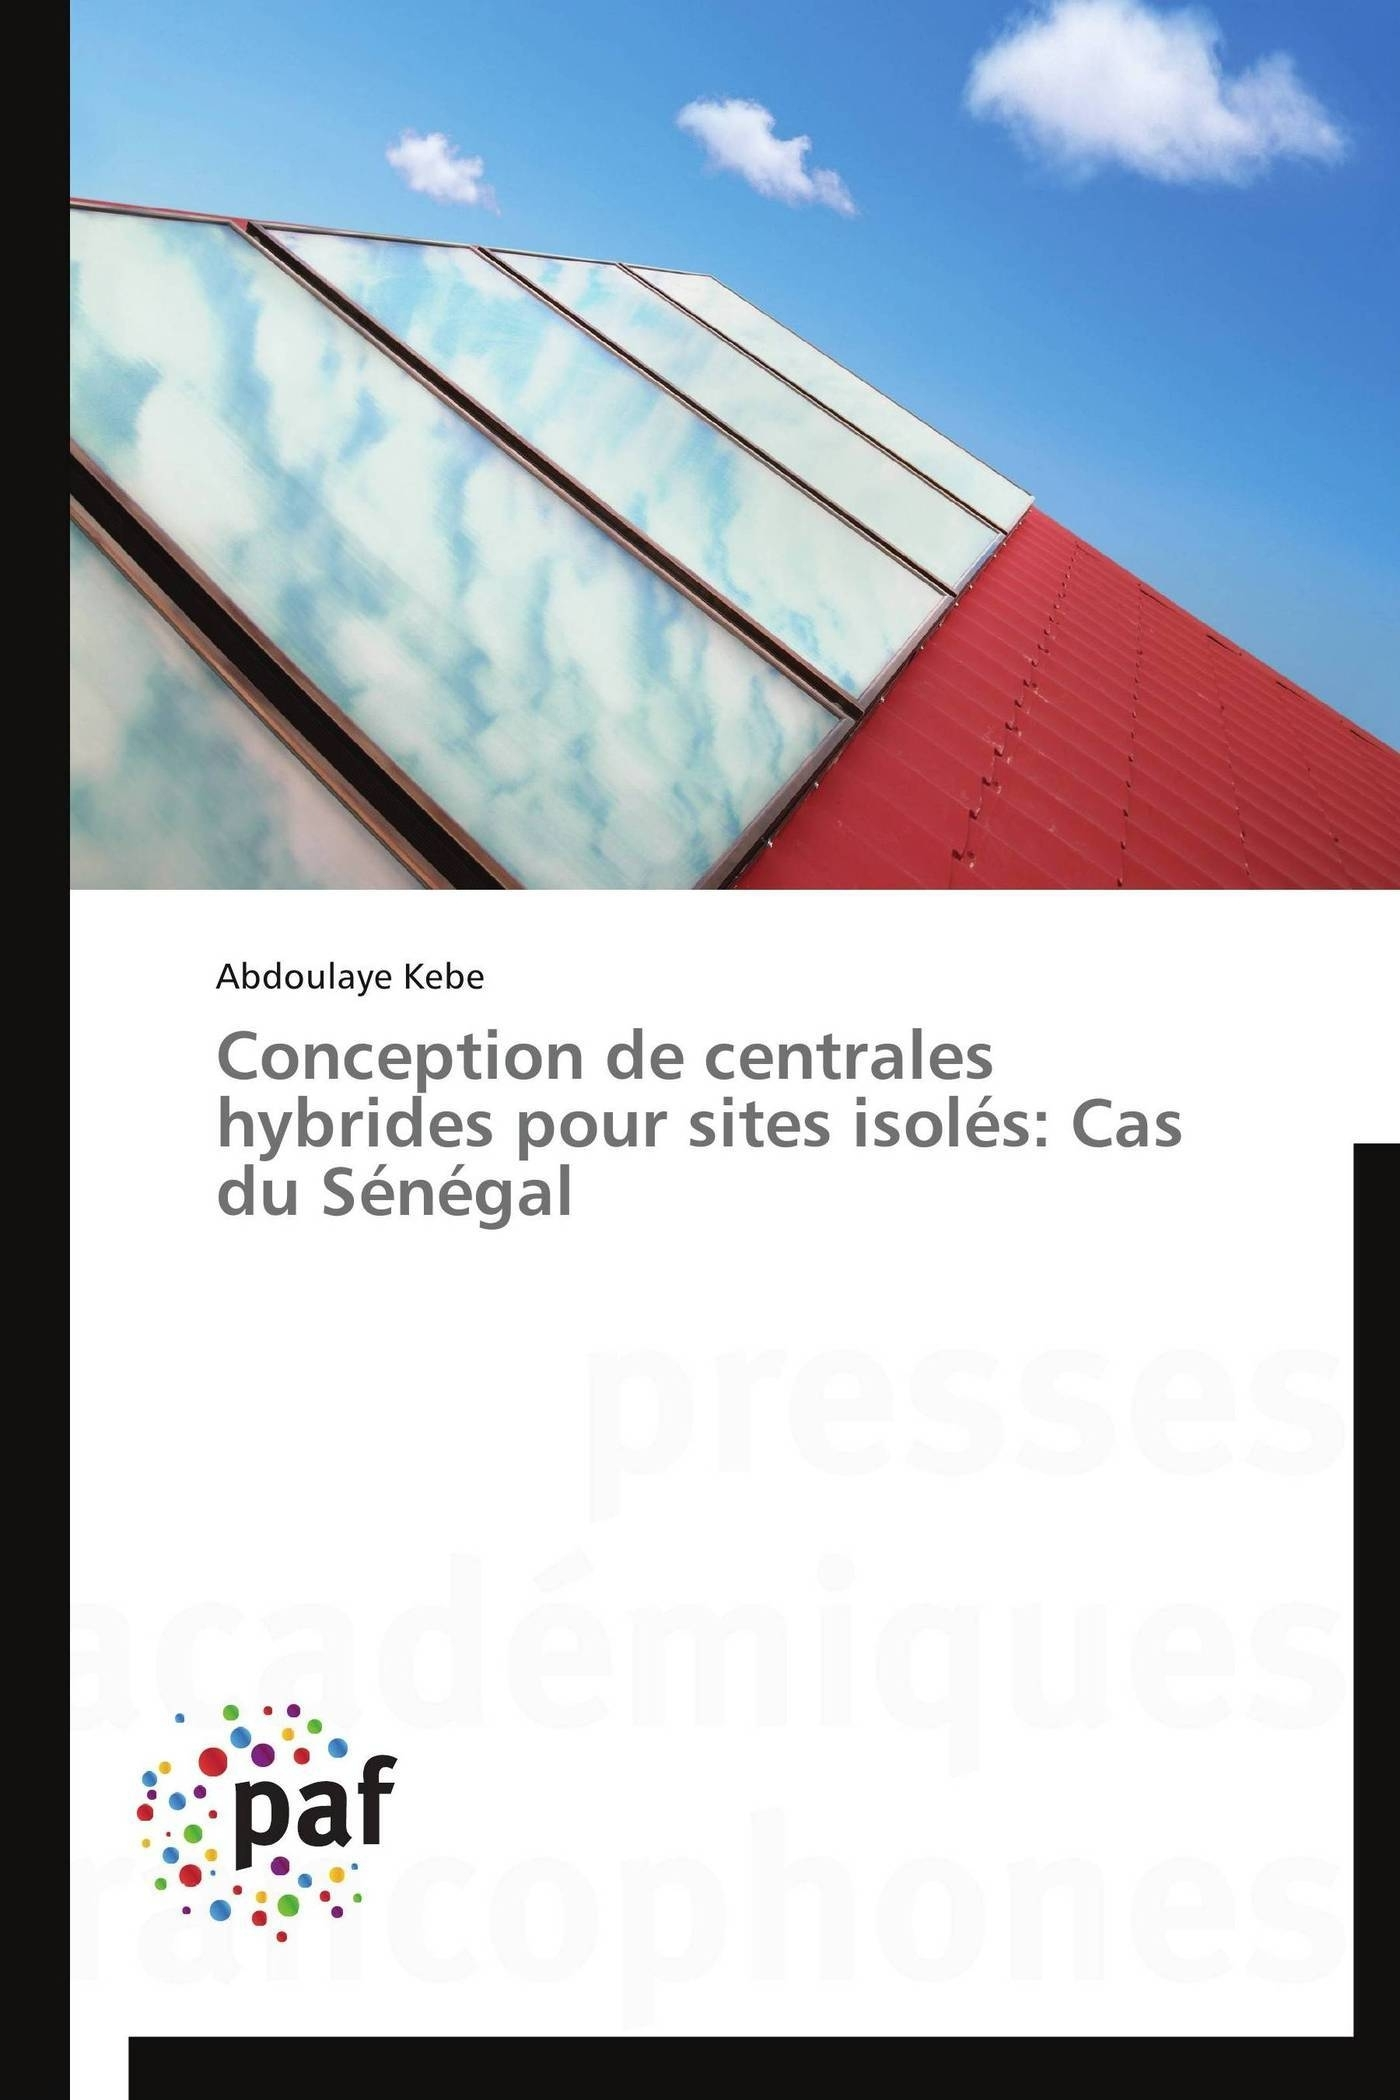 CONCEPTION DE CENTRALES HYBRIDES POUR SITES ISOLES: CAS DU SENEGAL